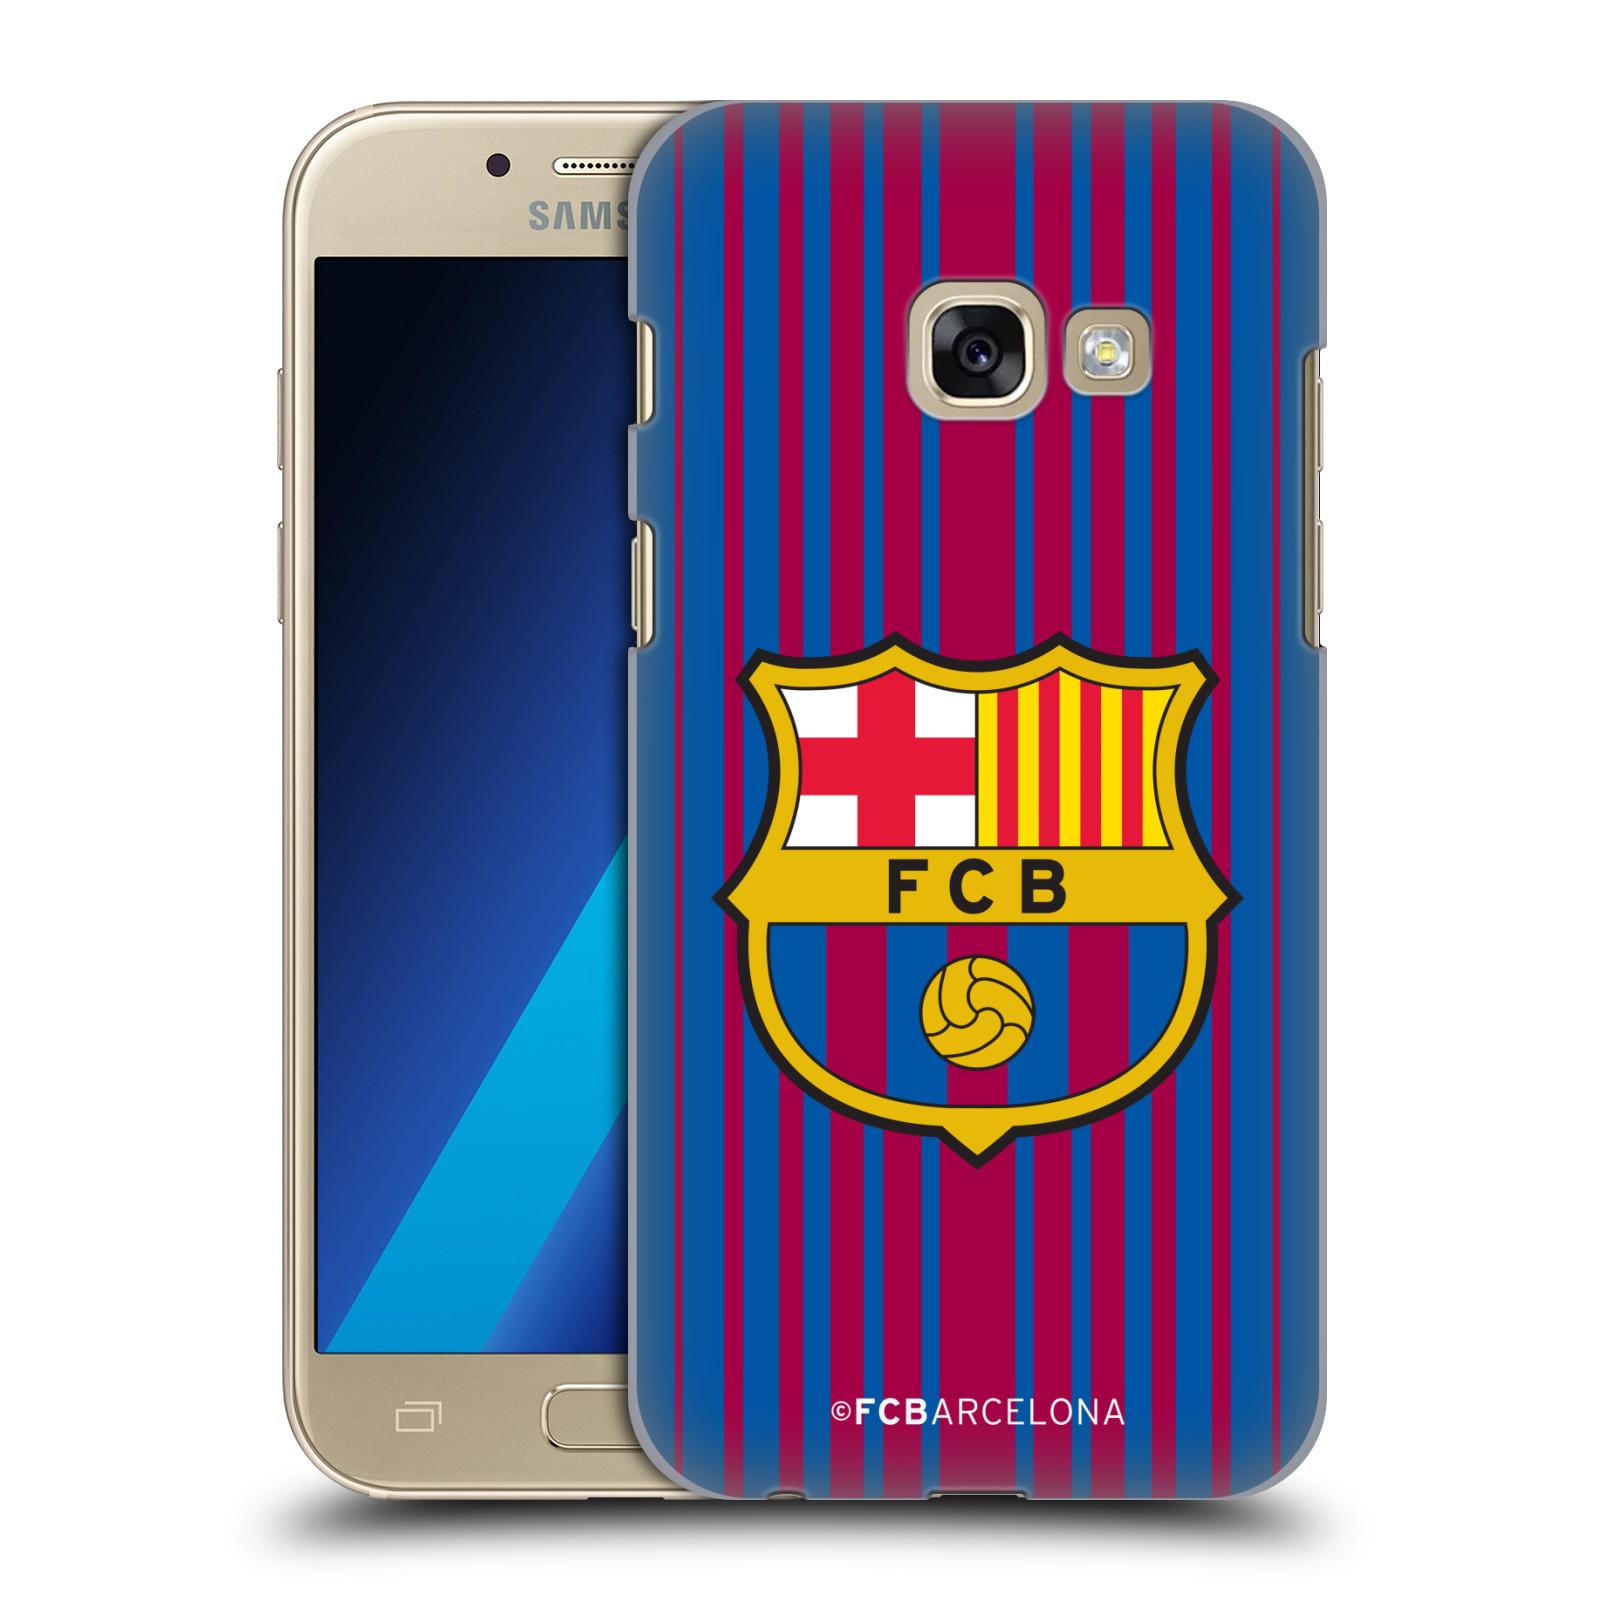 Plastové pouzdro na mobil Samsung Galaxy A3 (2017) - Head Case - FC Barcelona - Logo domácí